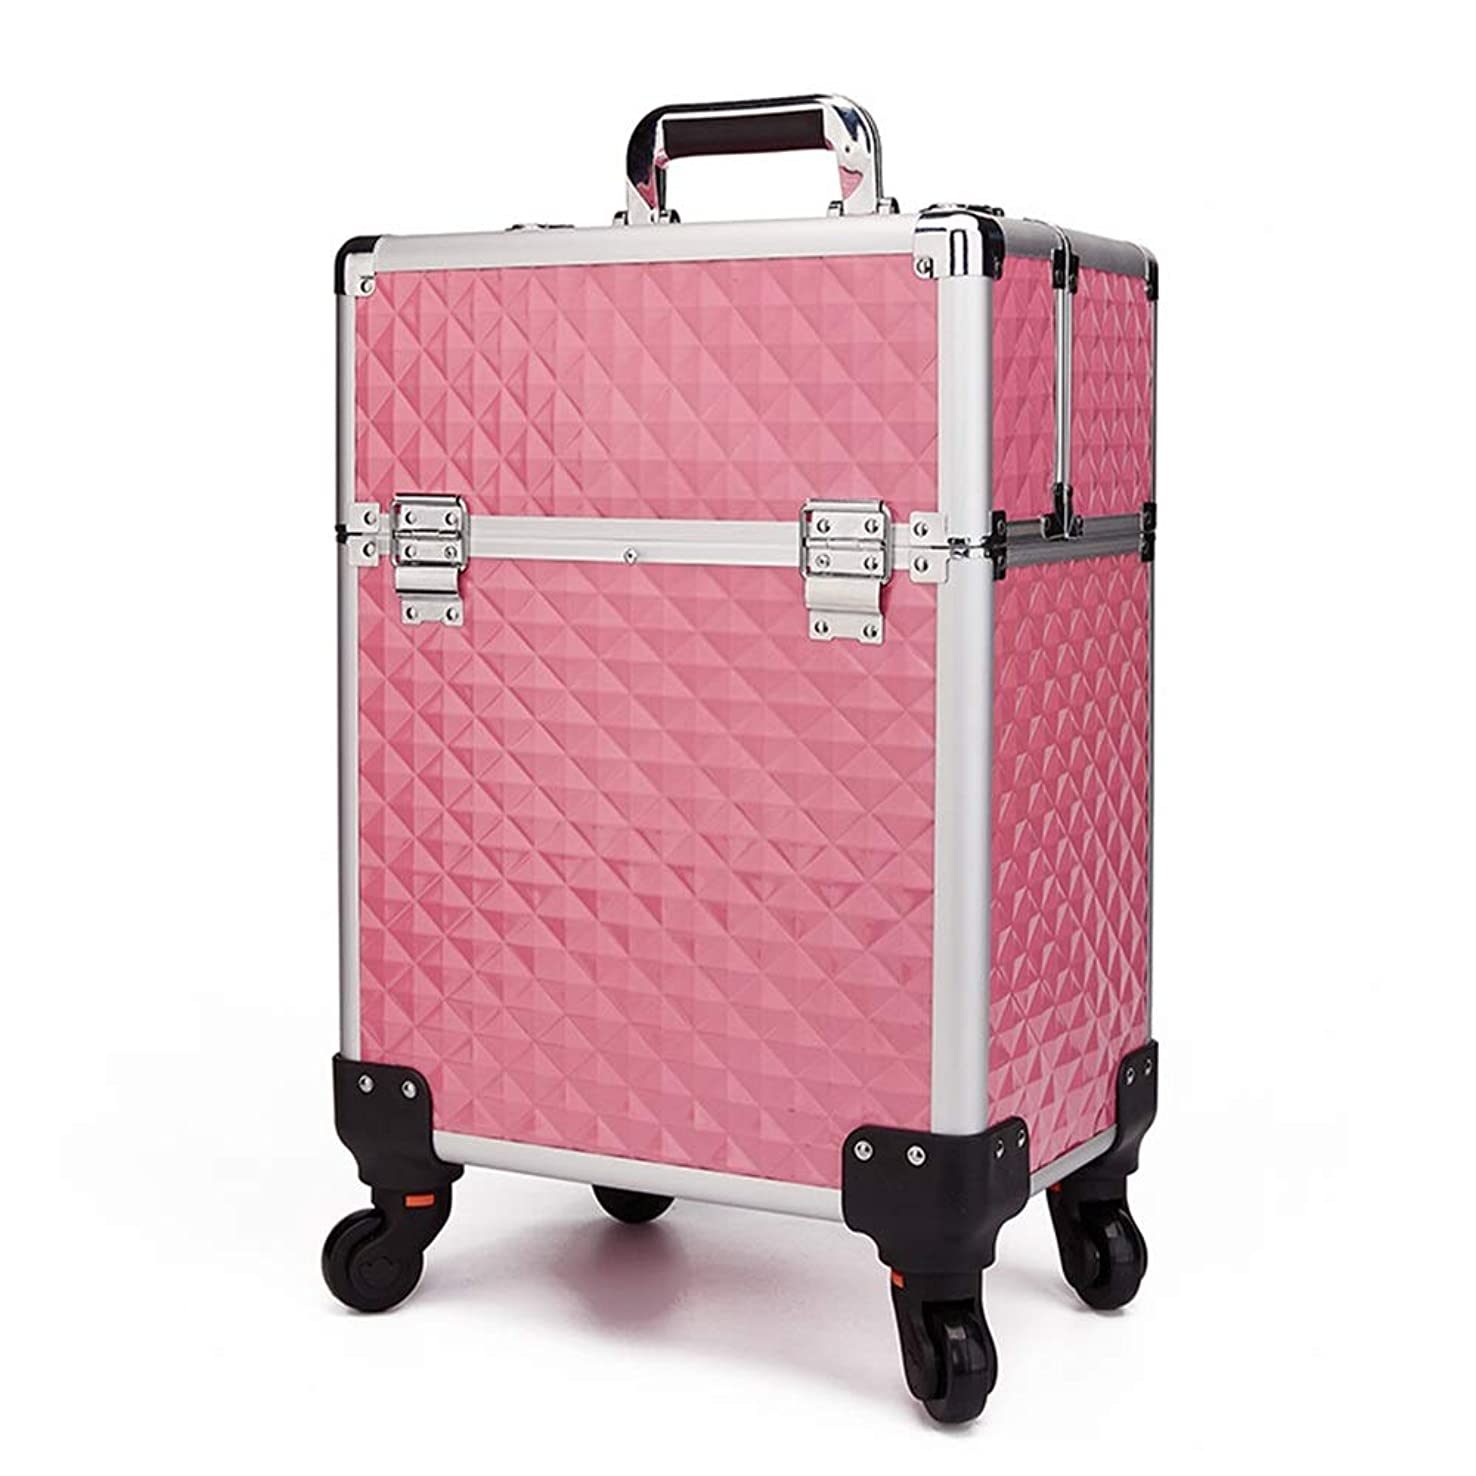 首フェッチ光景化粧オーガナイザーバッグ 360度ホイール3イン1プロフェッショナルアルミアーティストローリングトロリーメイクトレインケース化粧品オーガナイザー収納ボックス用ティーンガールズ女性アーティスト 化粧品ケース (色 : ピンク)